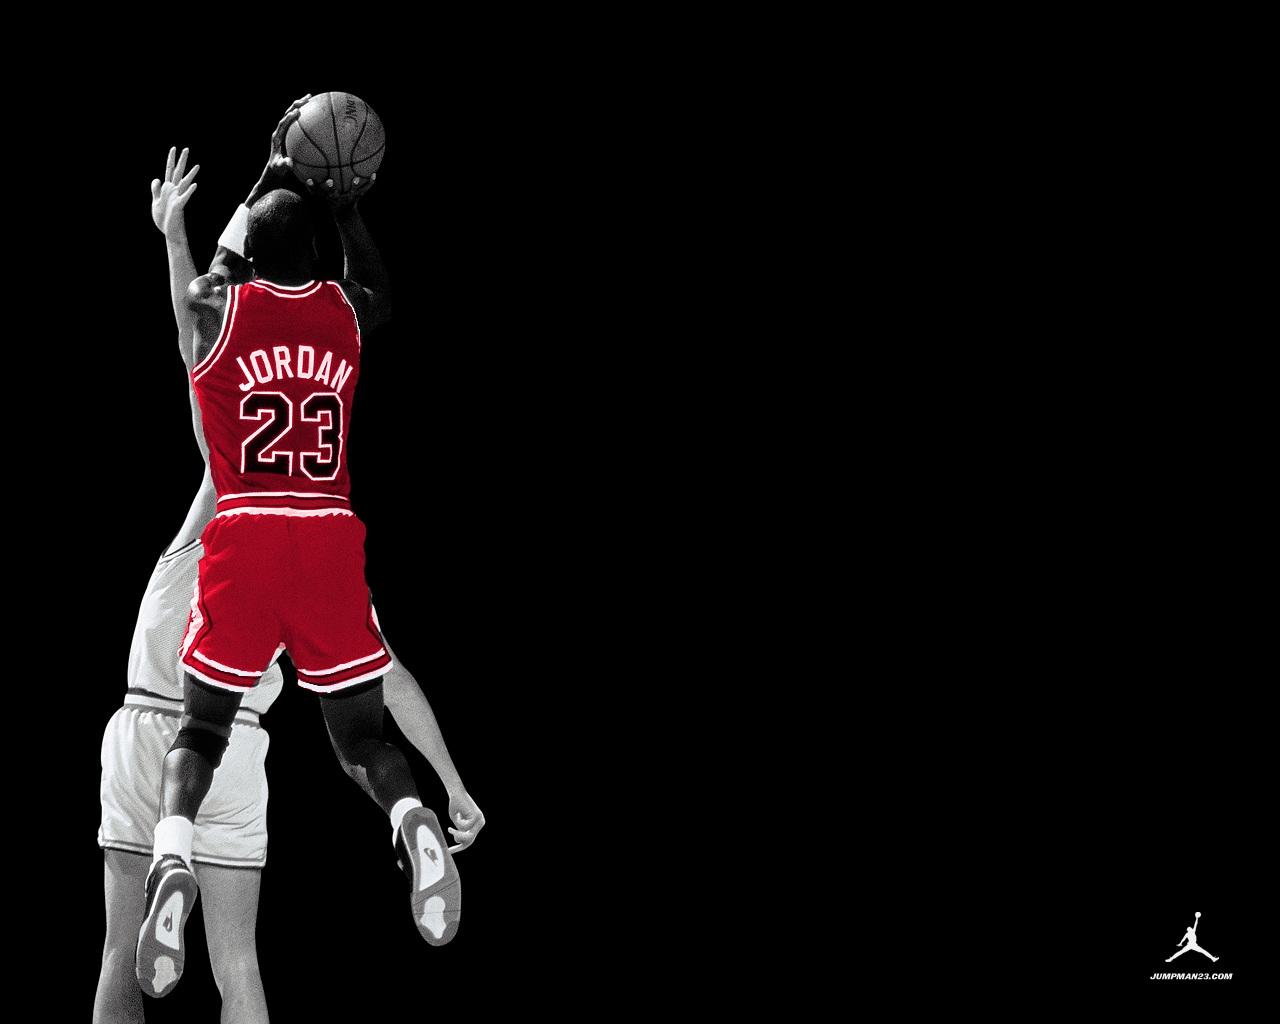 Basketball wallpaper 13991 1280x1024 px hdwallsource basketball wallpaper 13991 voltagebd Images